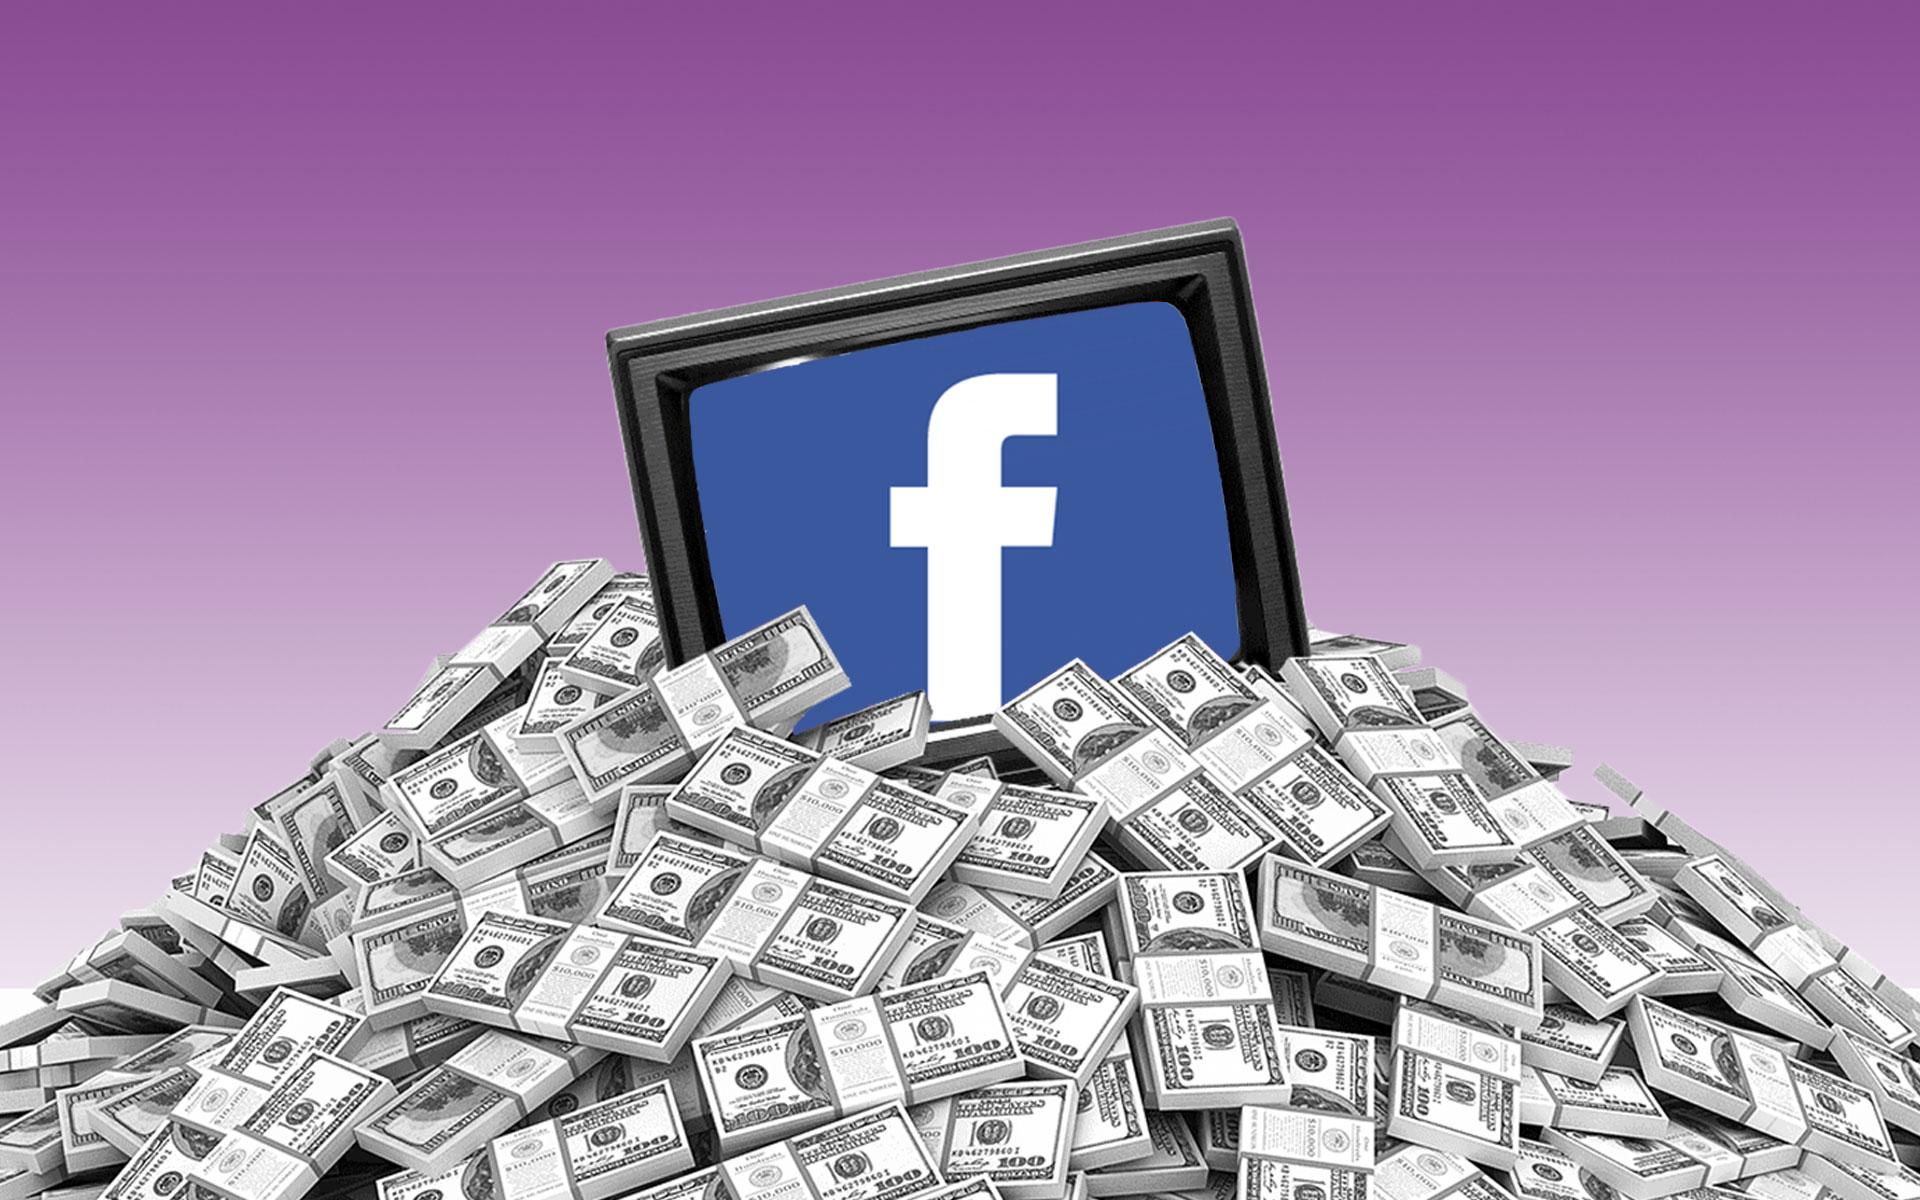 bevétel az interneten napi 100 dollár put opció